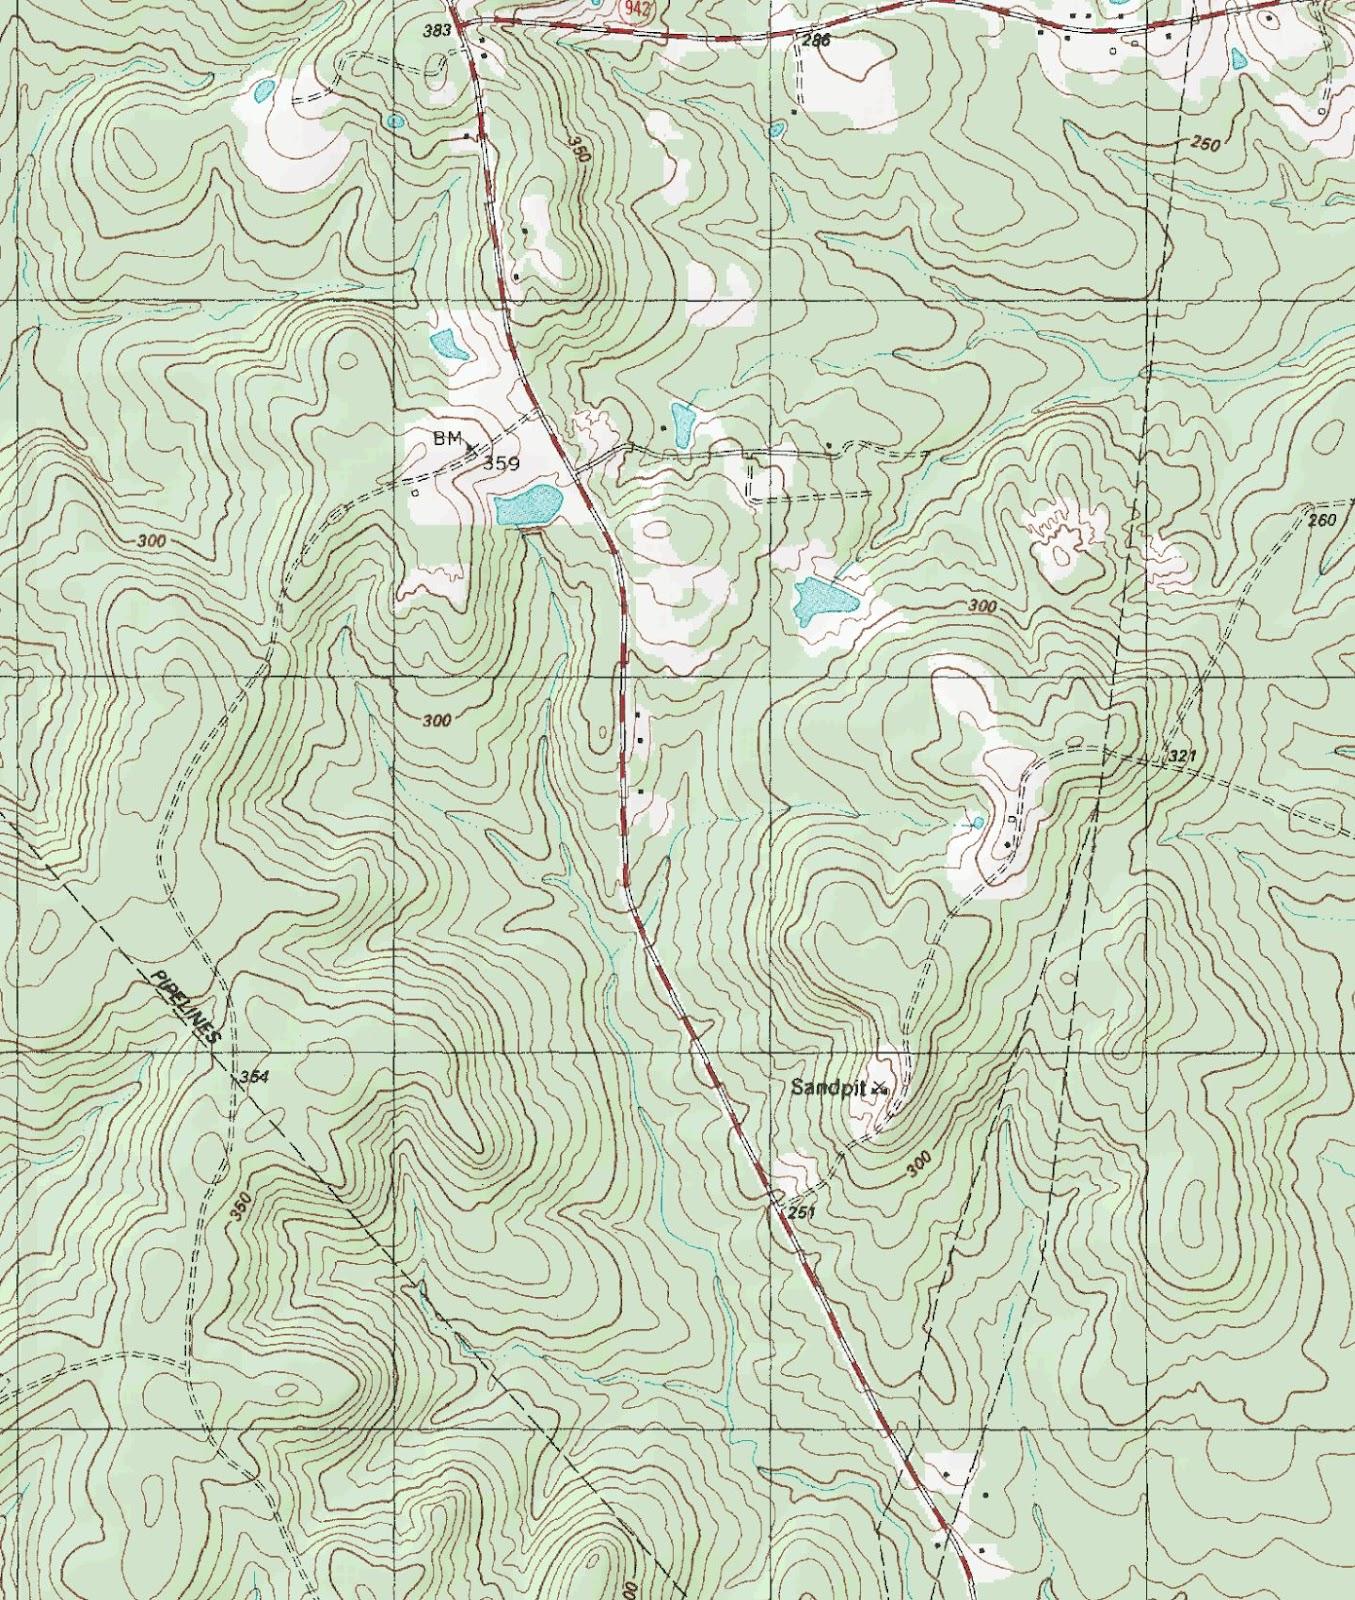 The Barefoot Peckerwood: Free Printable Topo Maps - Free Printable Topo Maps